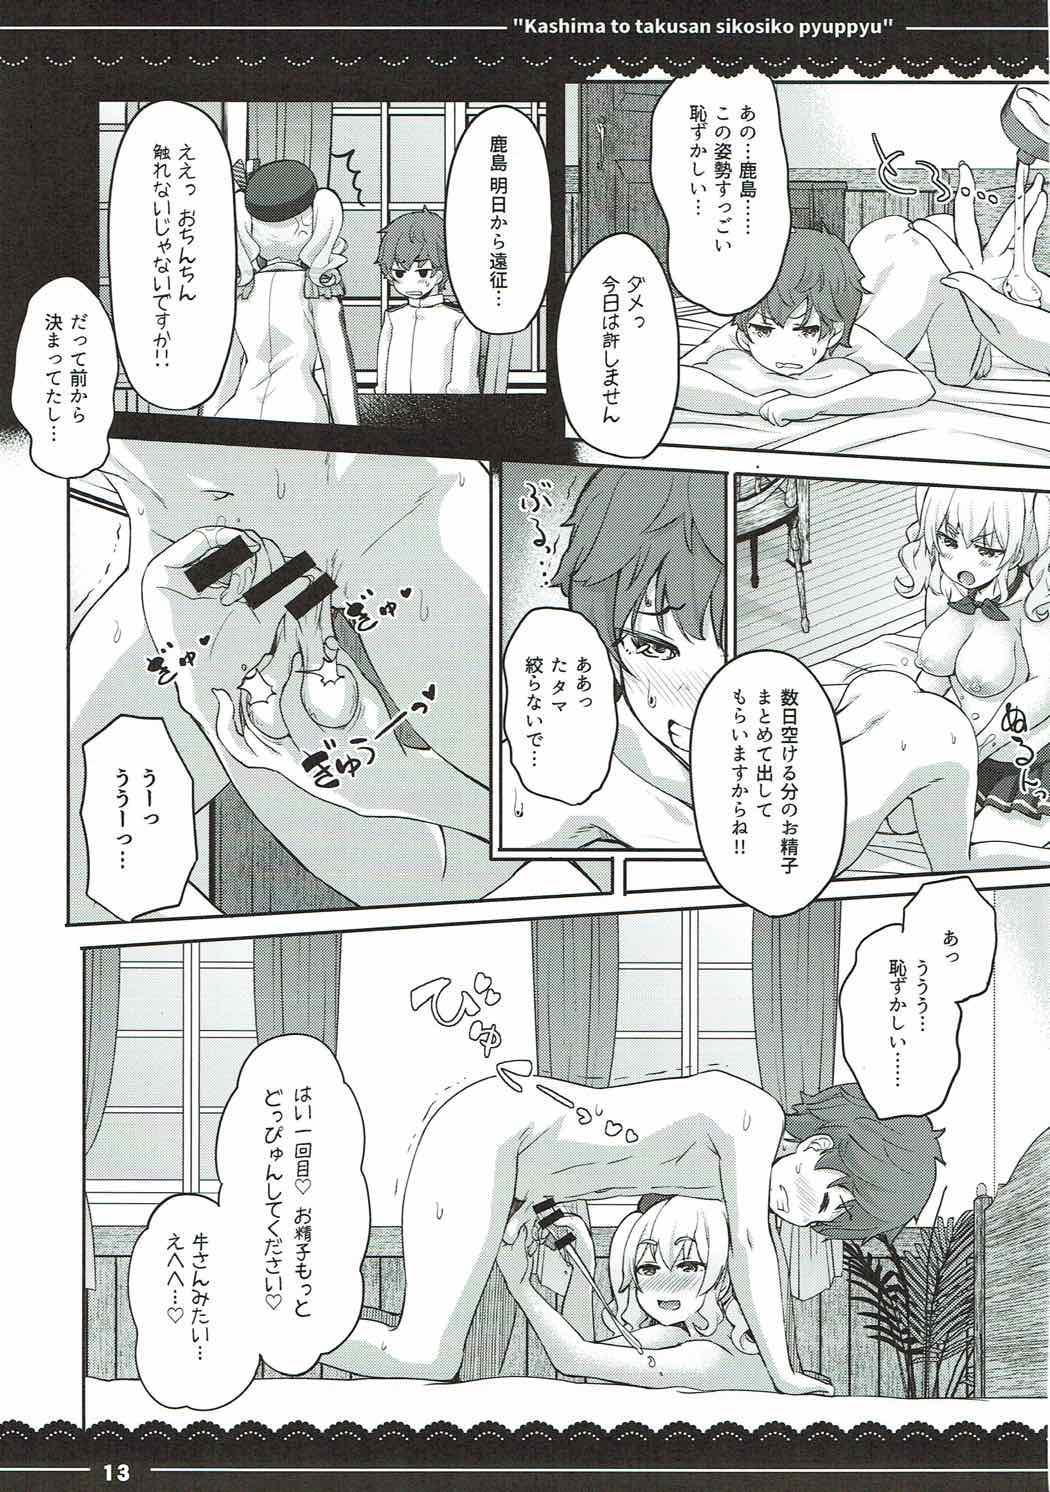 Kashima to Takusan Shikoshiko Pyuppyu 13